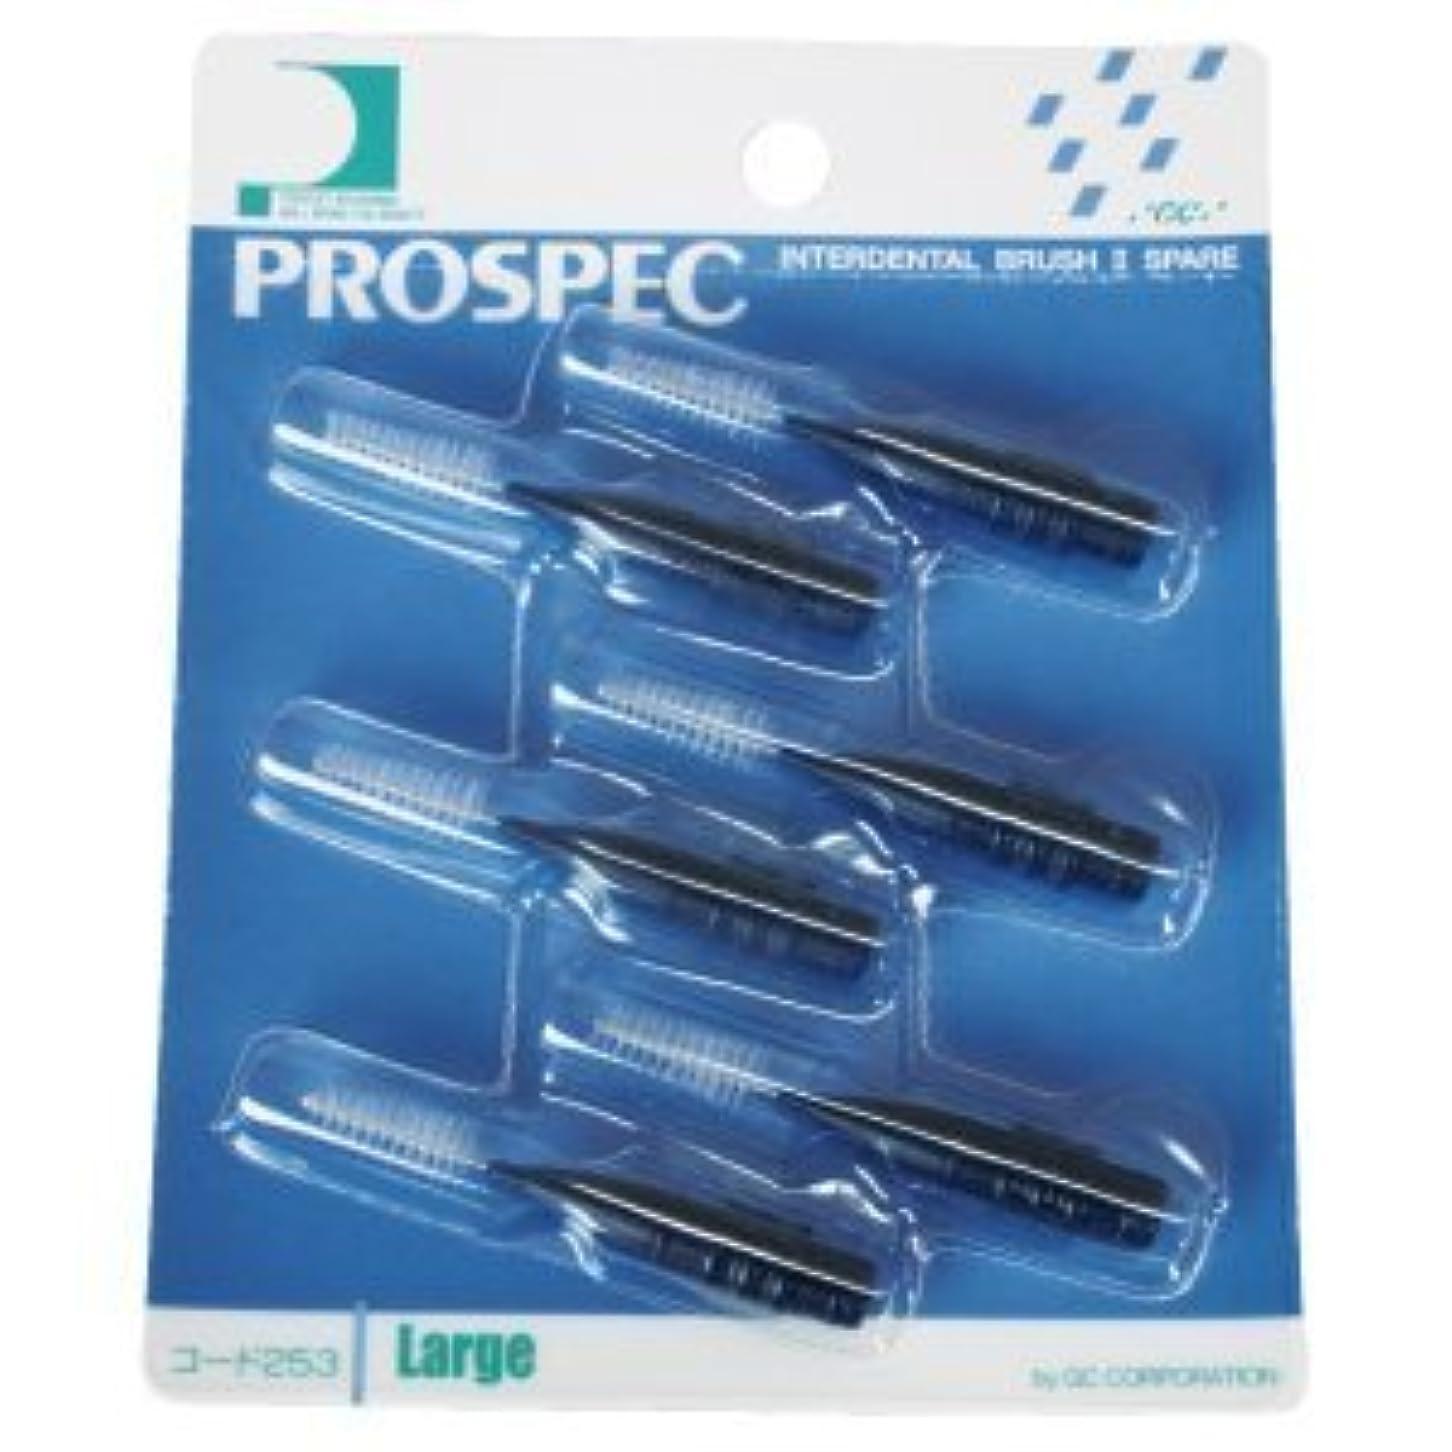 観察するキャラバンピカソプロスペック 歯間ブラシII スペアー/L/1パック(6本入り)